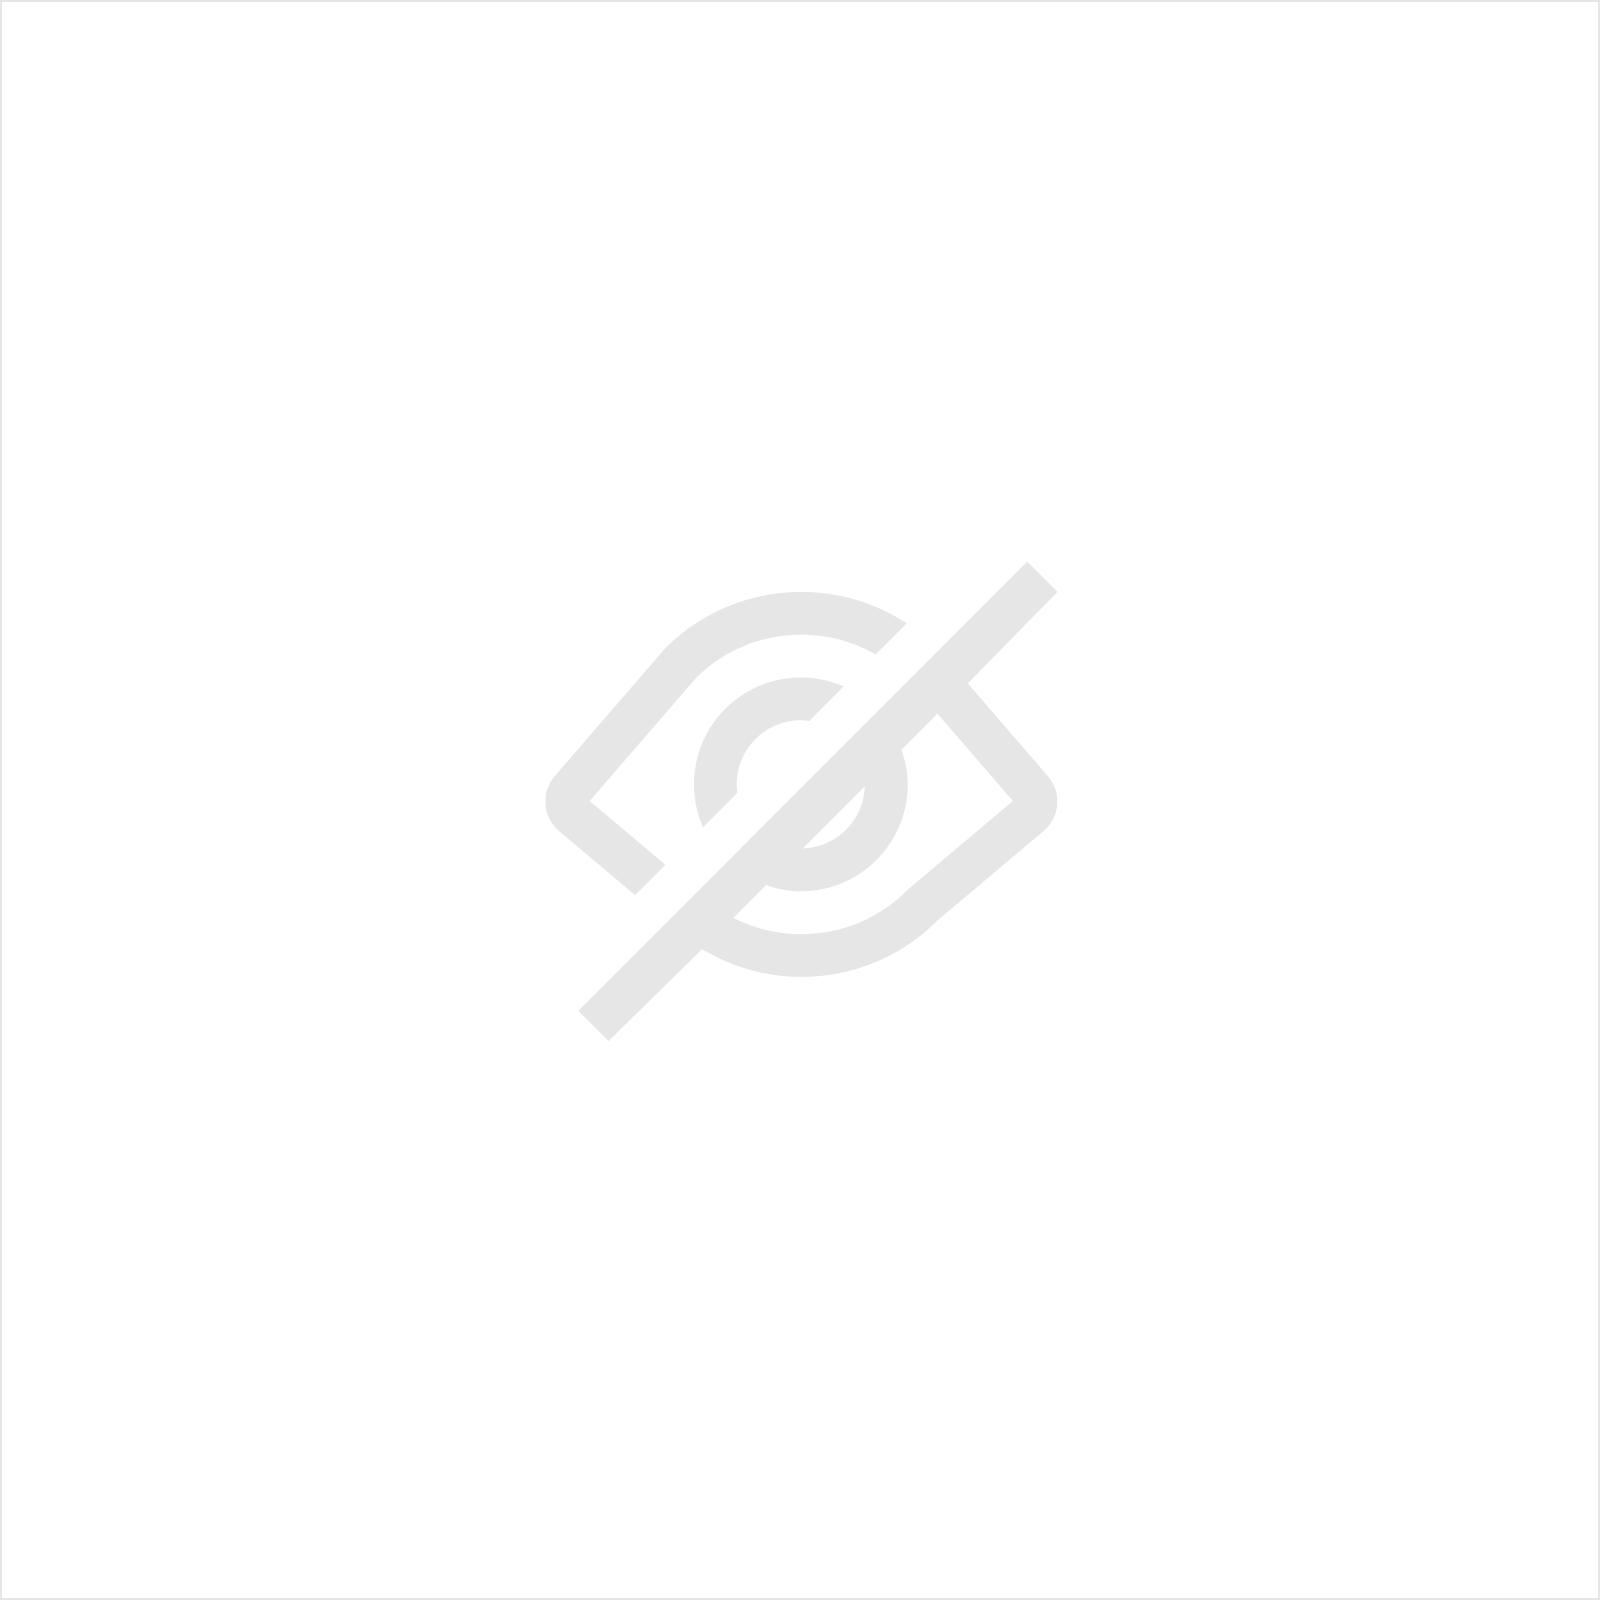 JEU DE MOLETTES OPTIONNELLES - FLAT BEAD ROLL 1/4 - POUR BORDEUSE MOULUREUSE